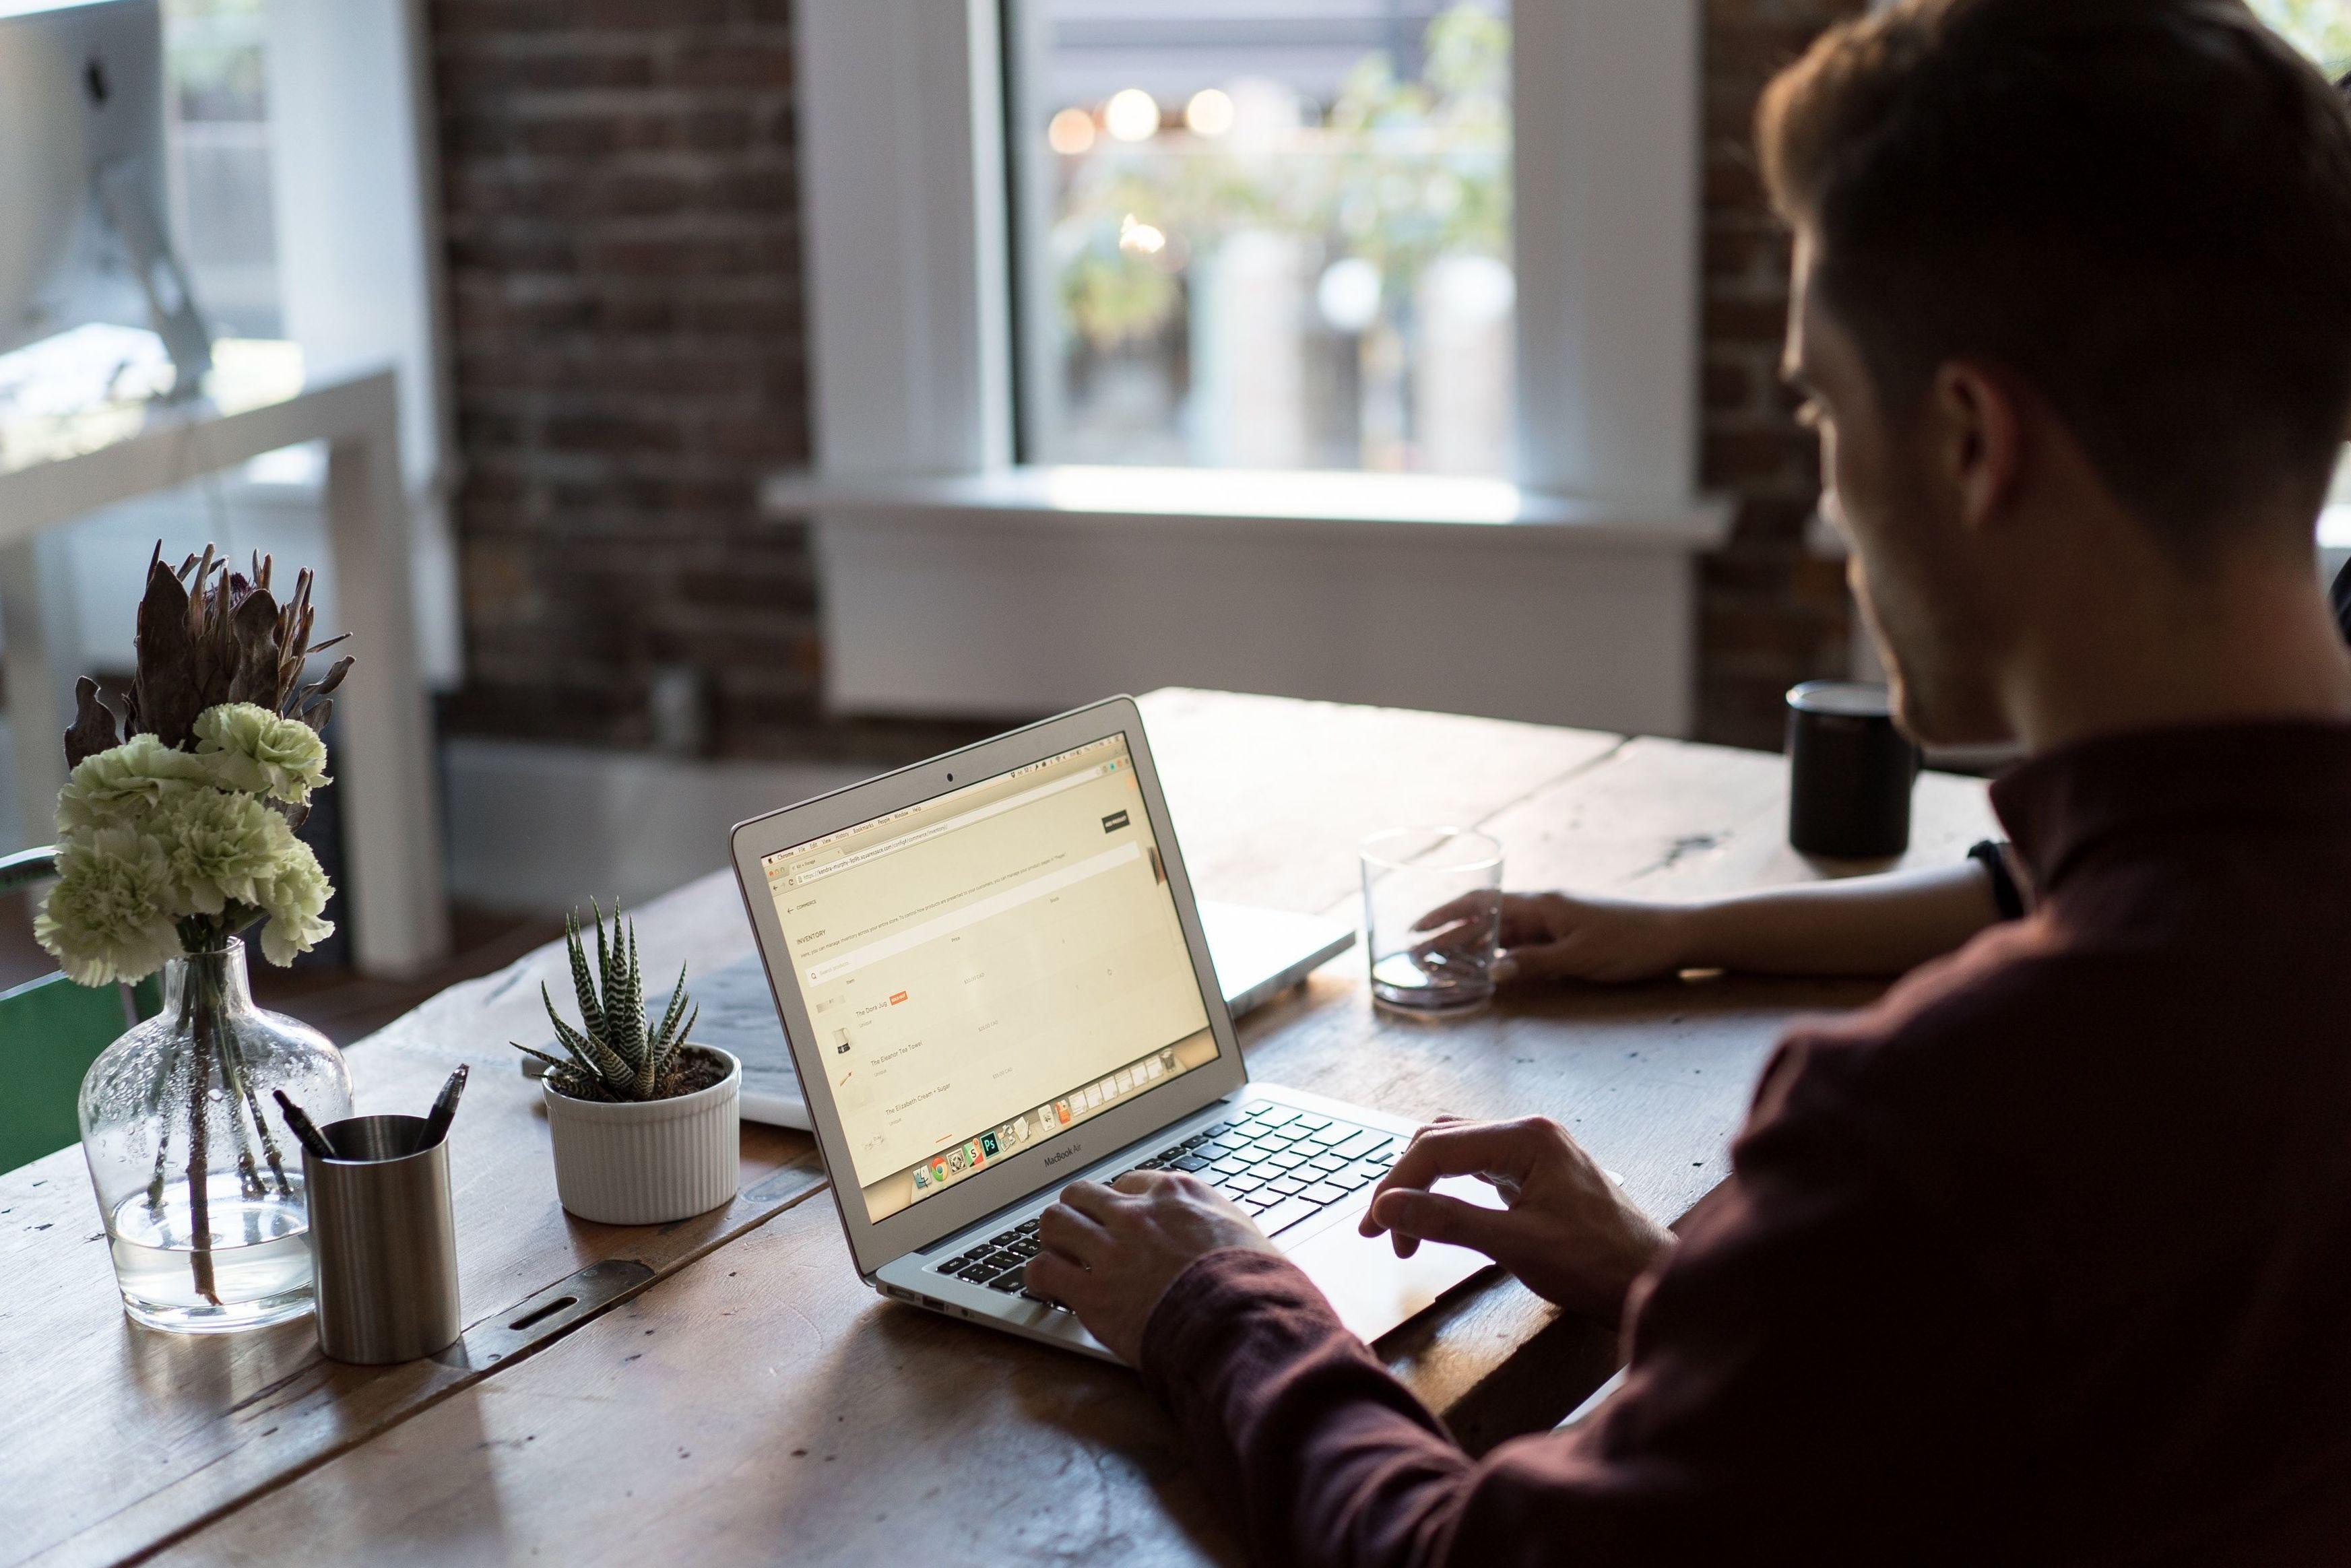 Marketing digital y pymes: Las tendencias en el uso de nuevas tecnologías